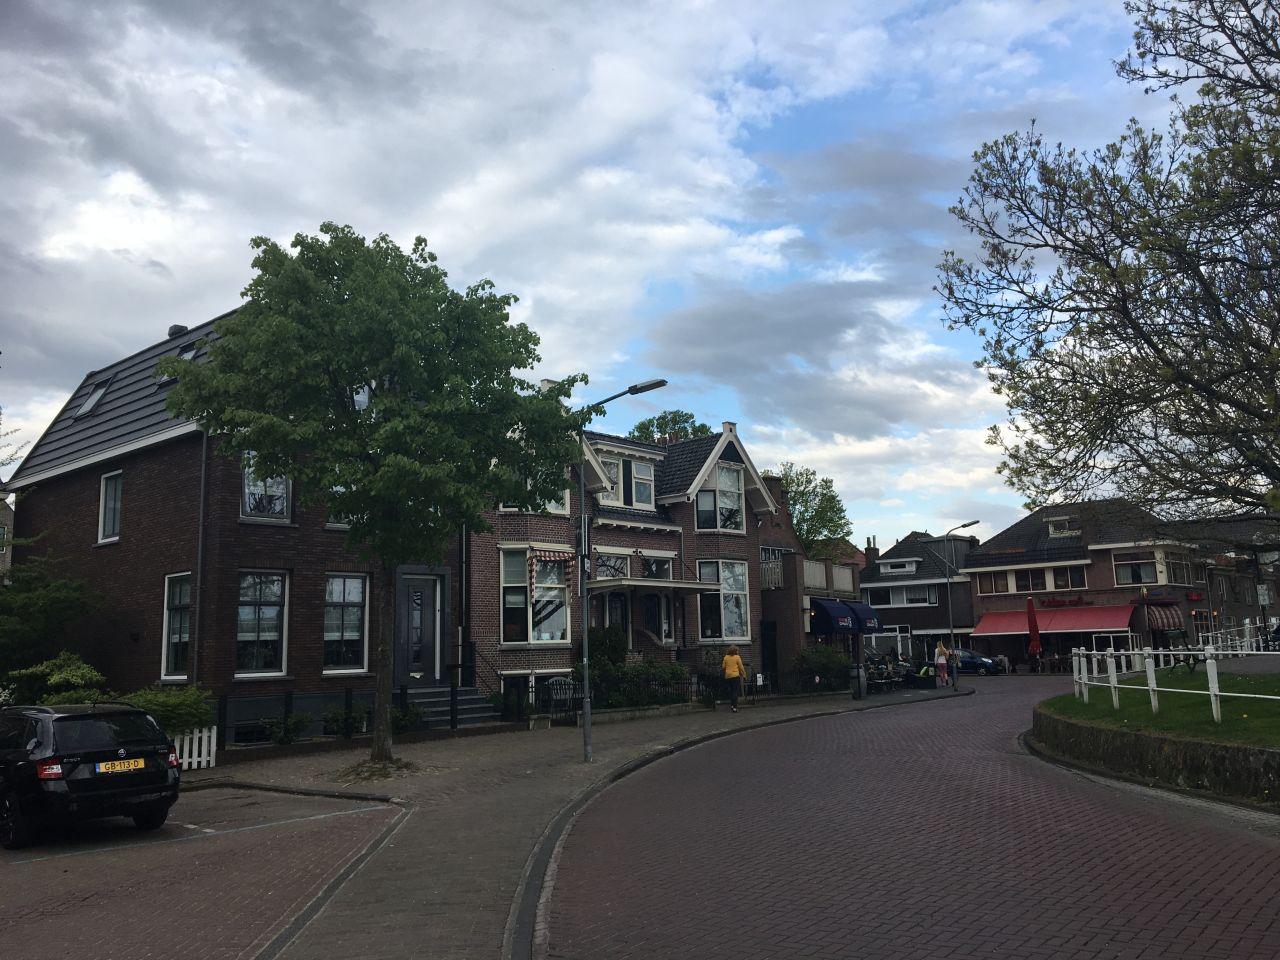 hollandia2019-nagyonjoszallas.jpg